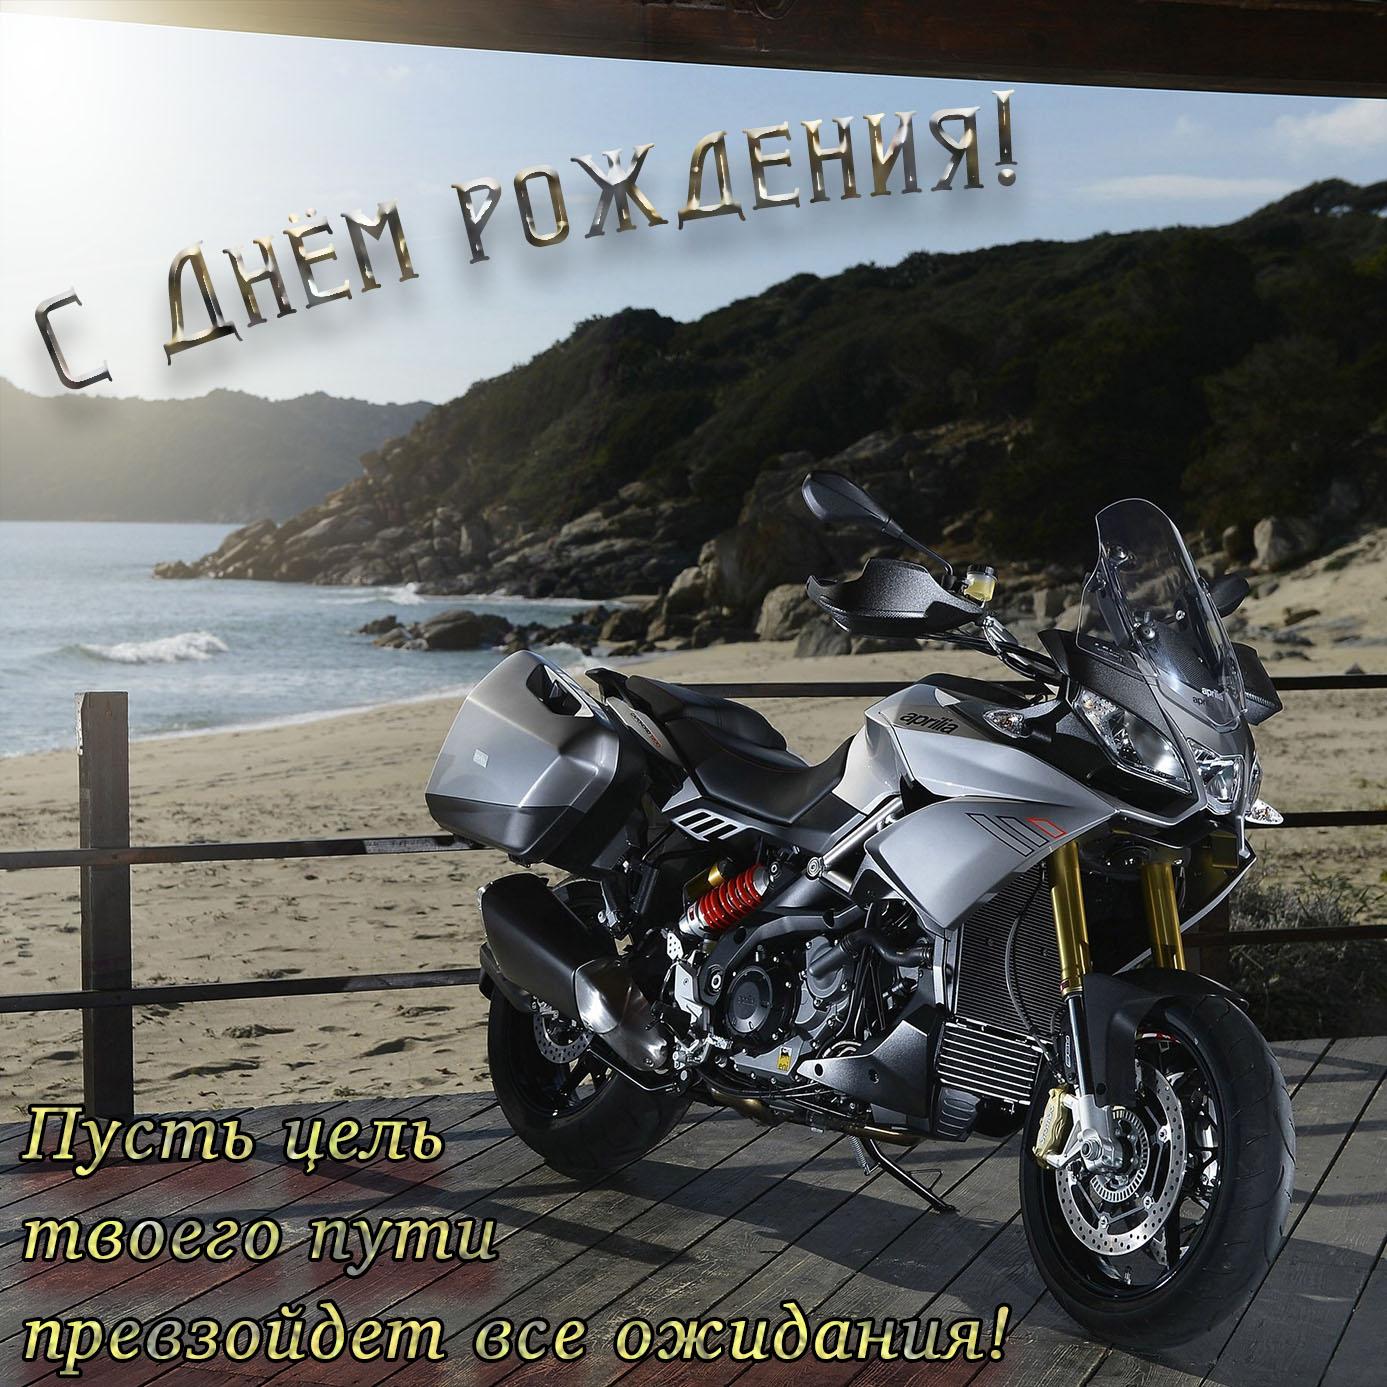 Февраля, с днем рождения открытка с мотоциклом